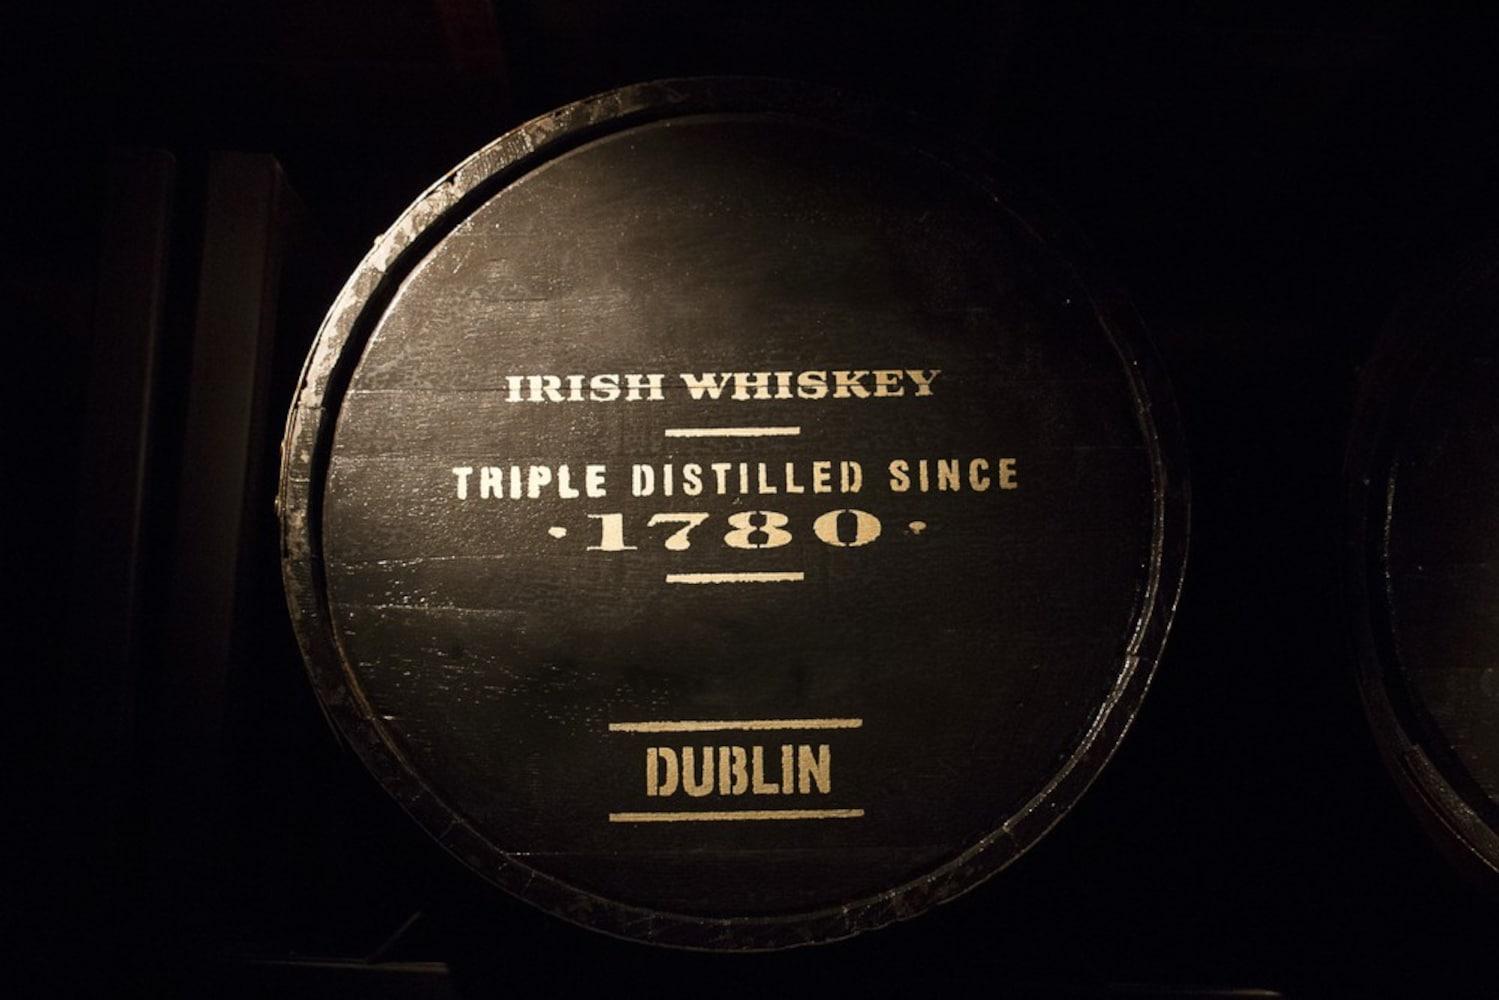 熟成期間|長いほどウイスキーの味がくっきりと出る